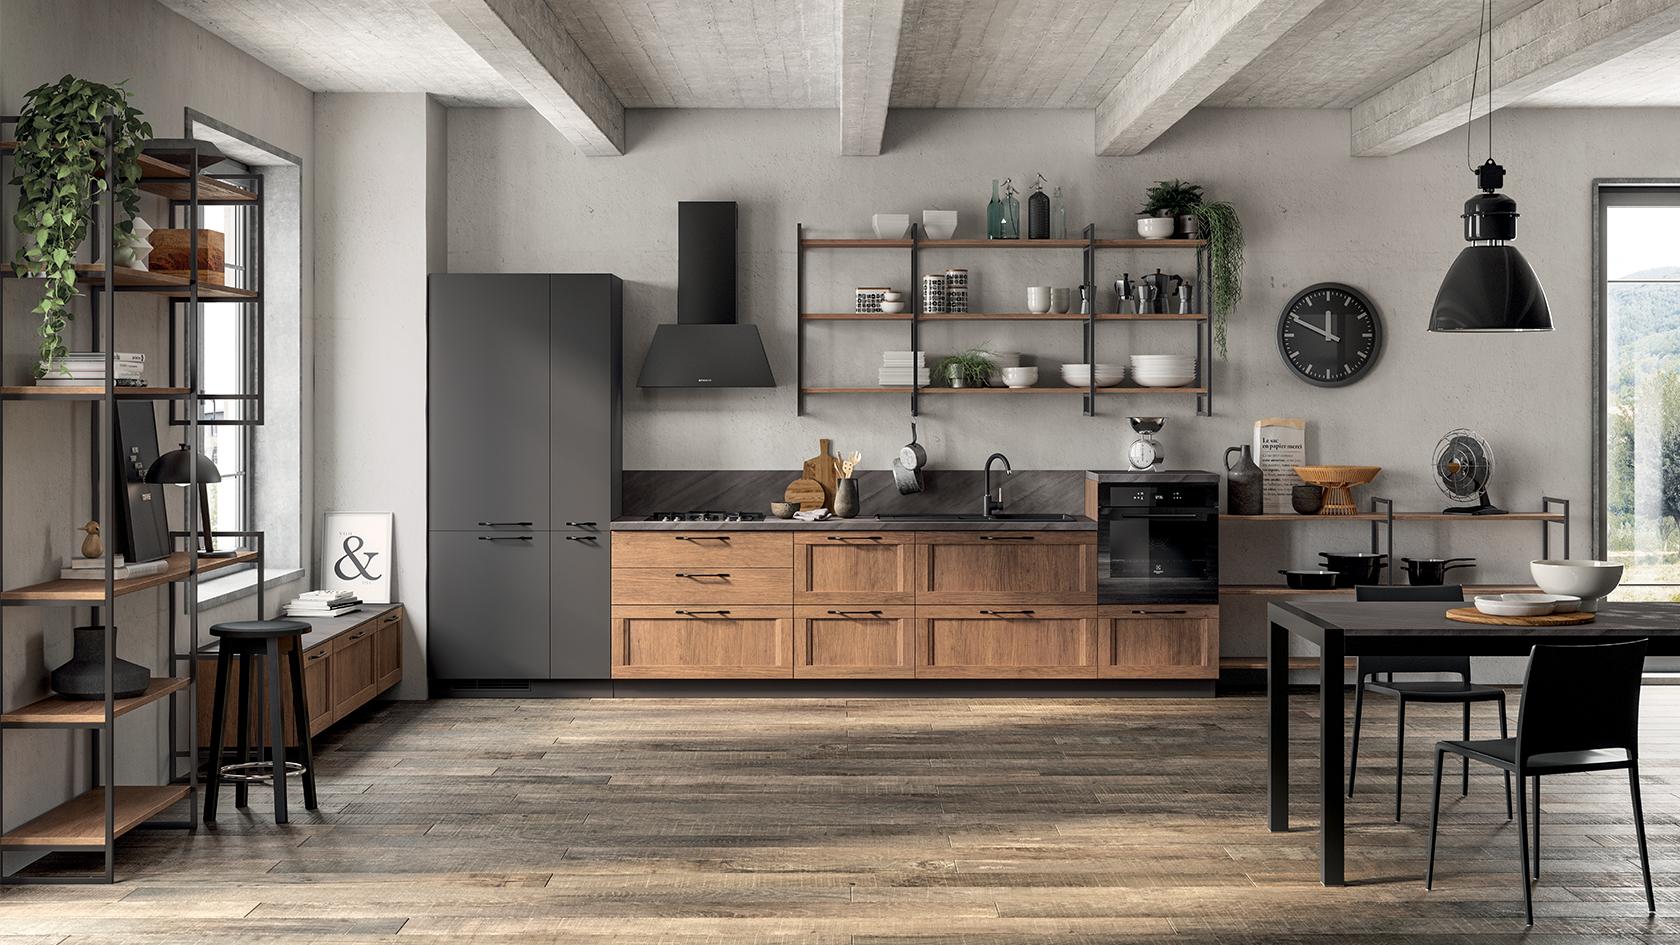 дизайн интерьера кухни